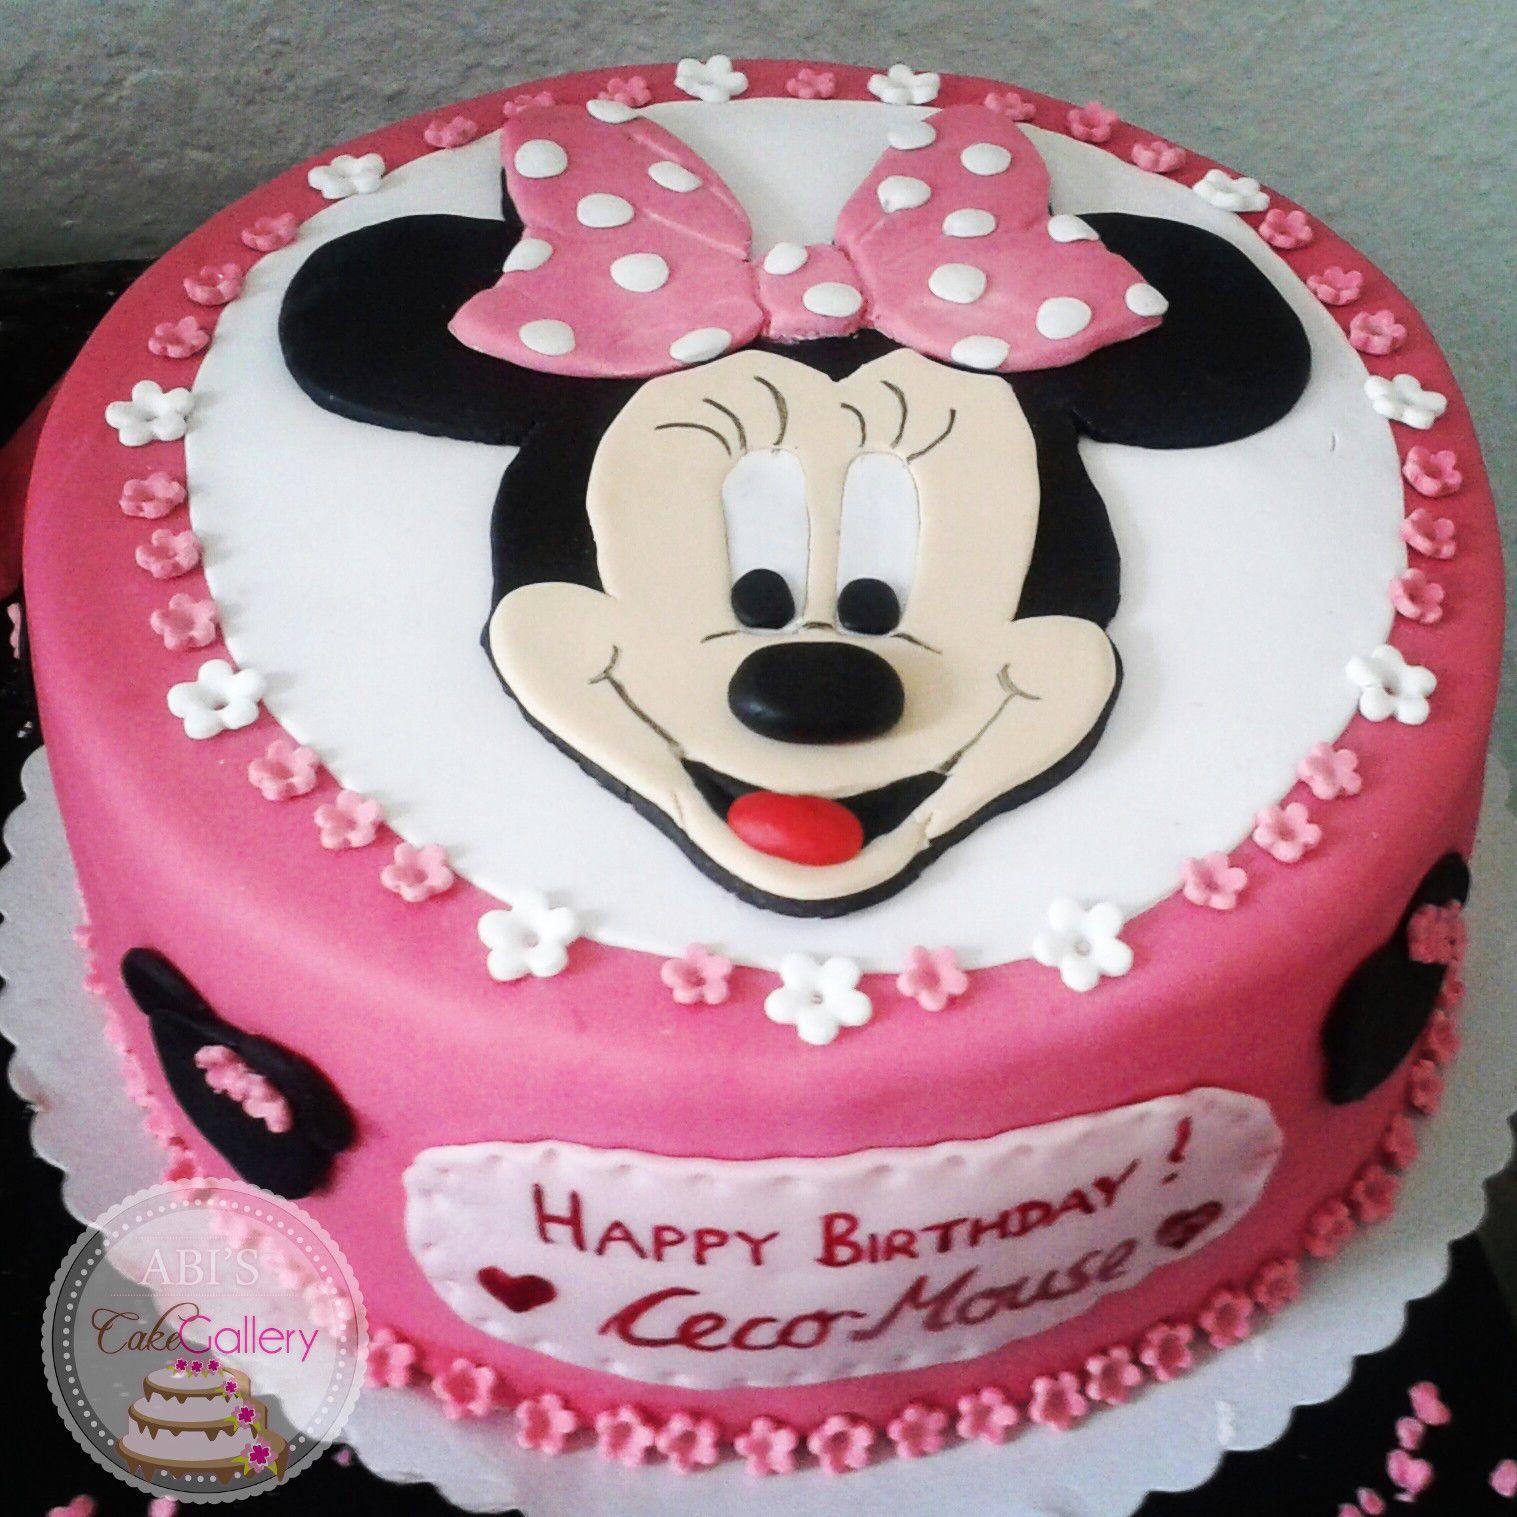 Minnie mouse kuchen deko appetitlich foto blog f r sie - Kuchendeko foto ...